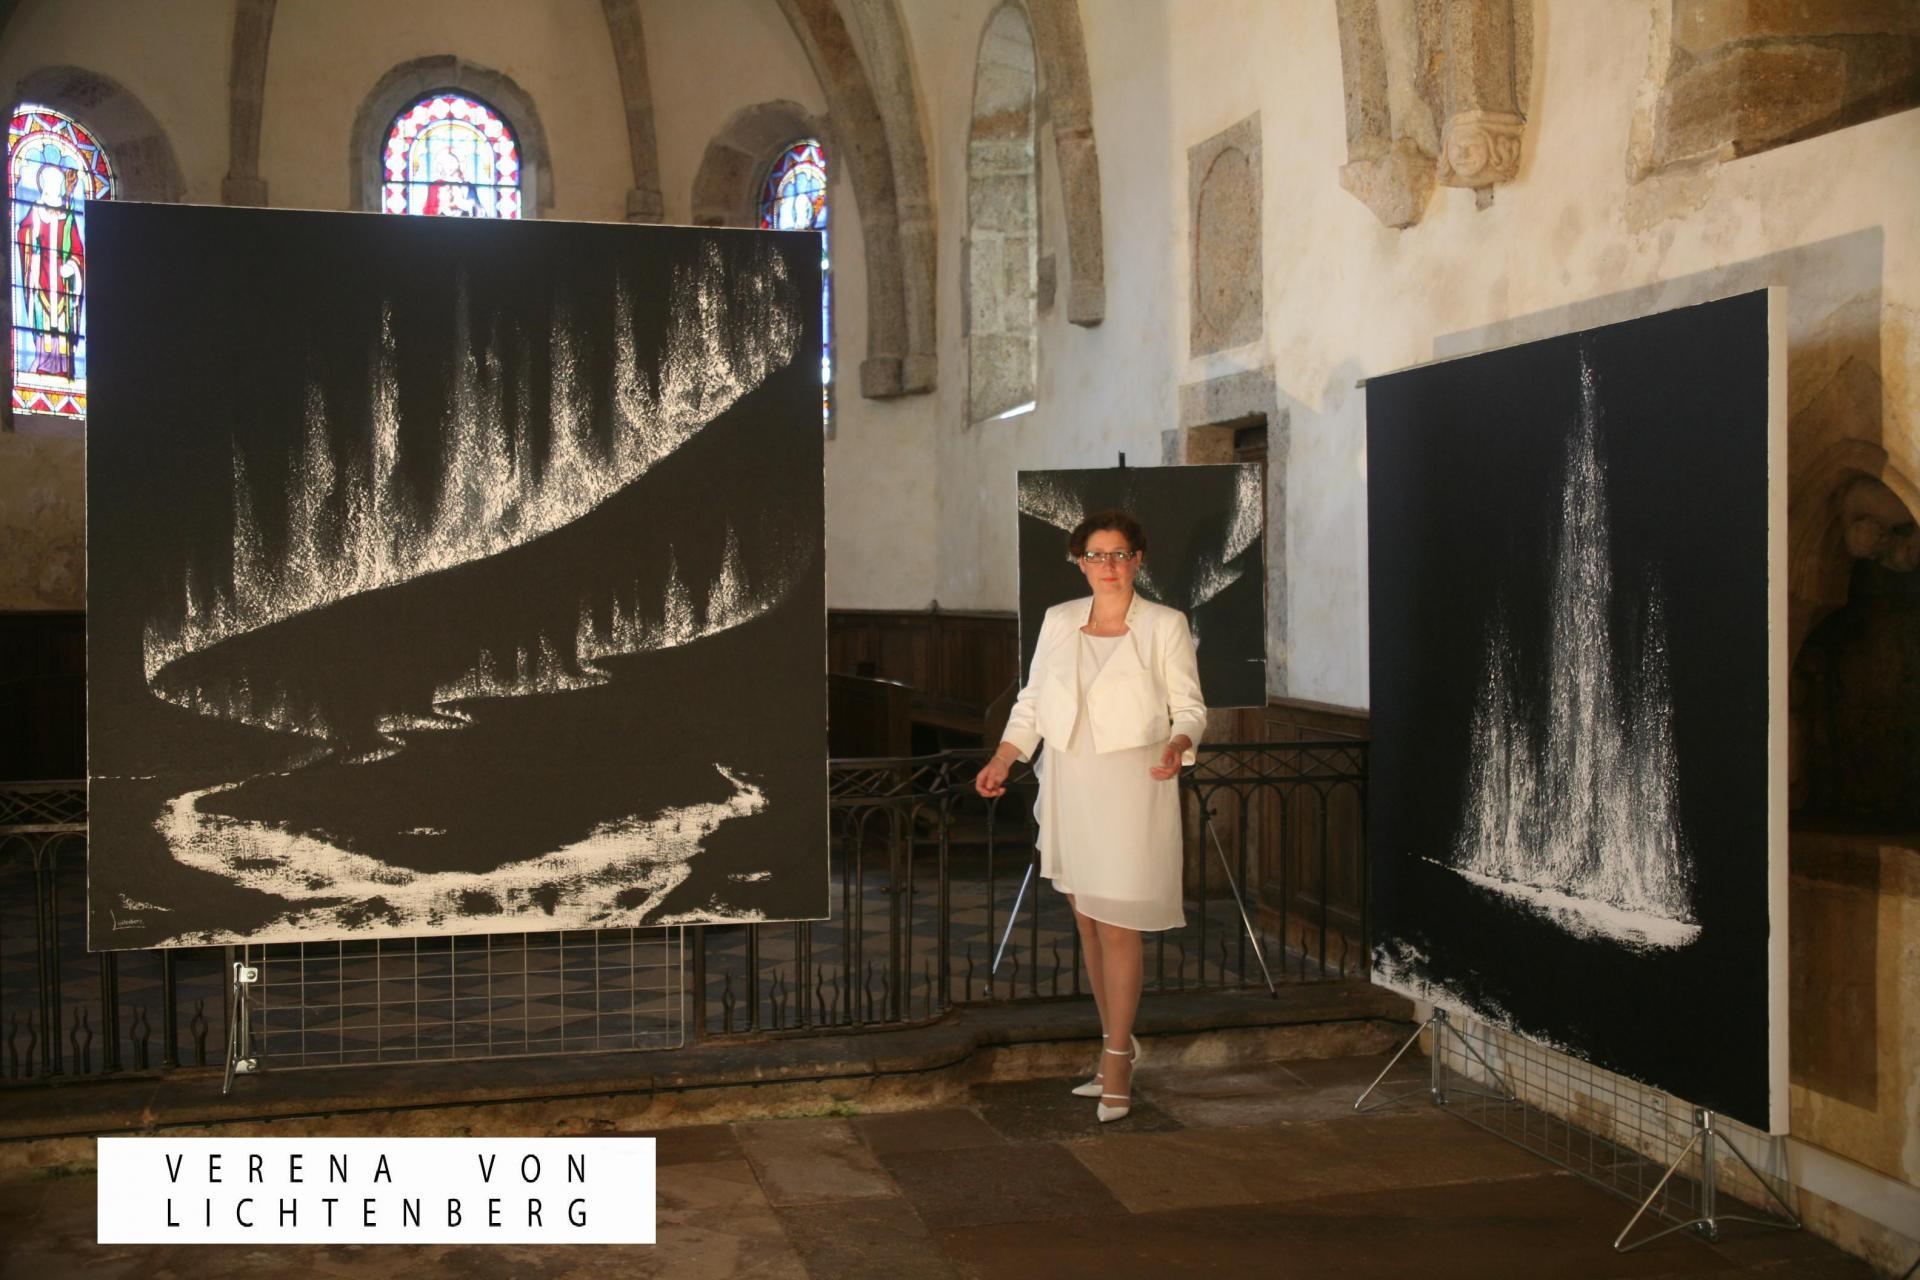 A saulieu l artiste peintre verena von lichtenberg avec l exposition d art nord licht invitee par anne catherine loisier senateur maire